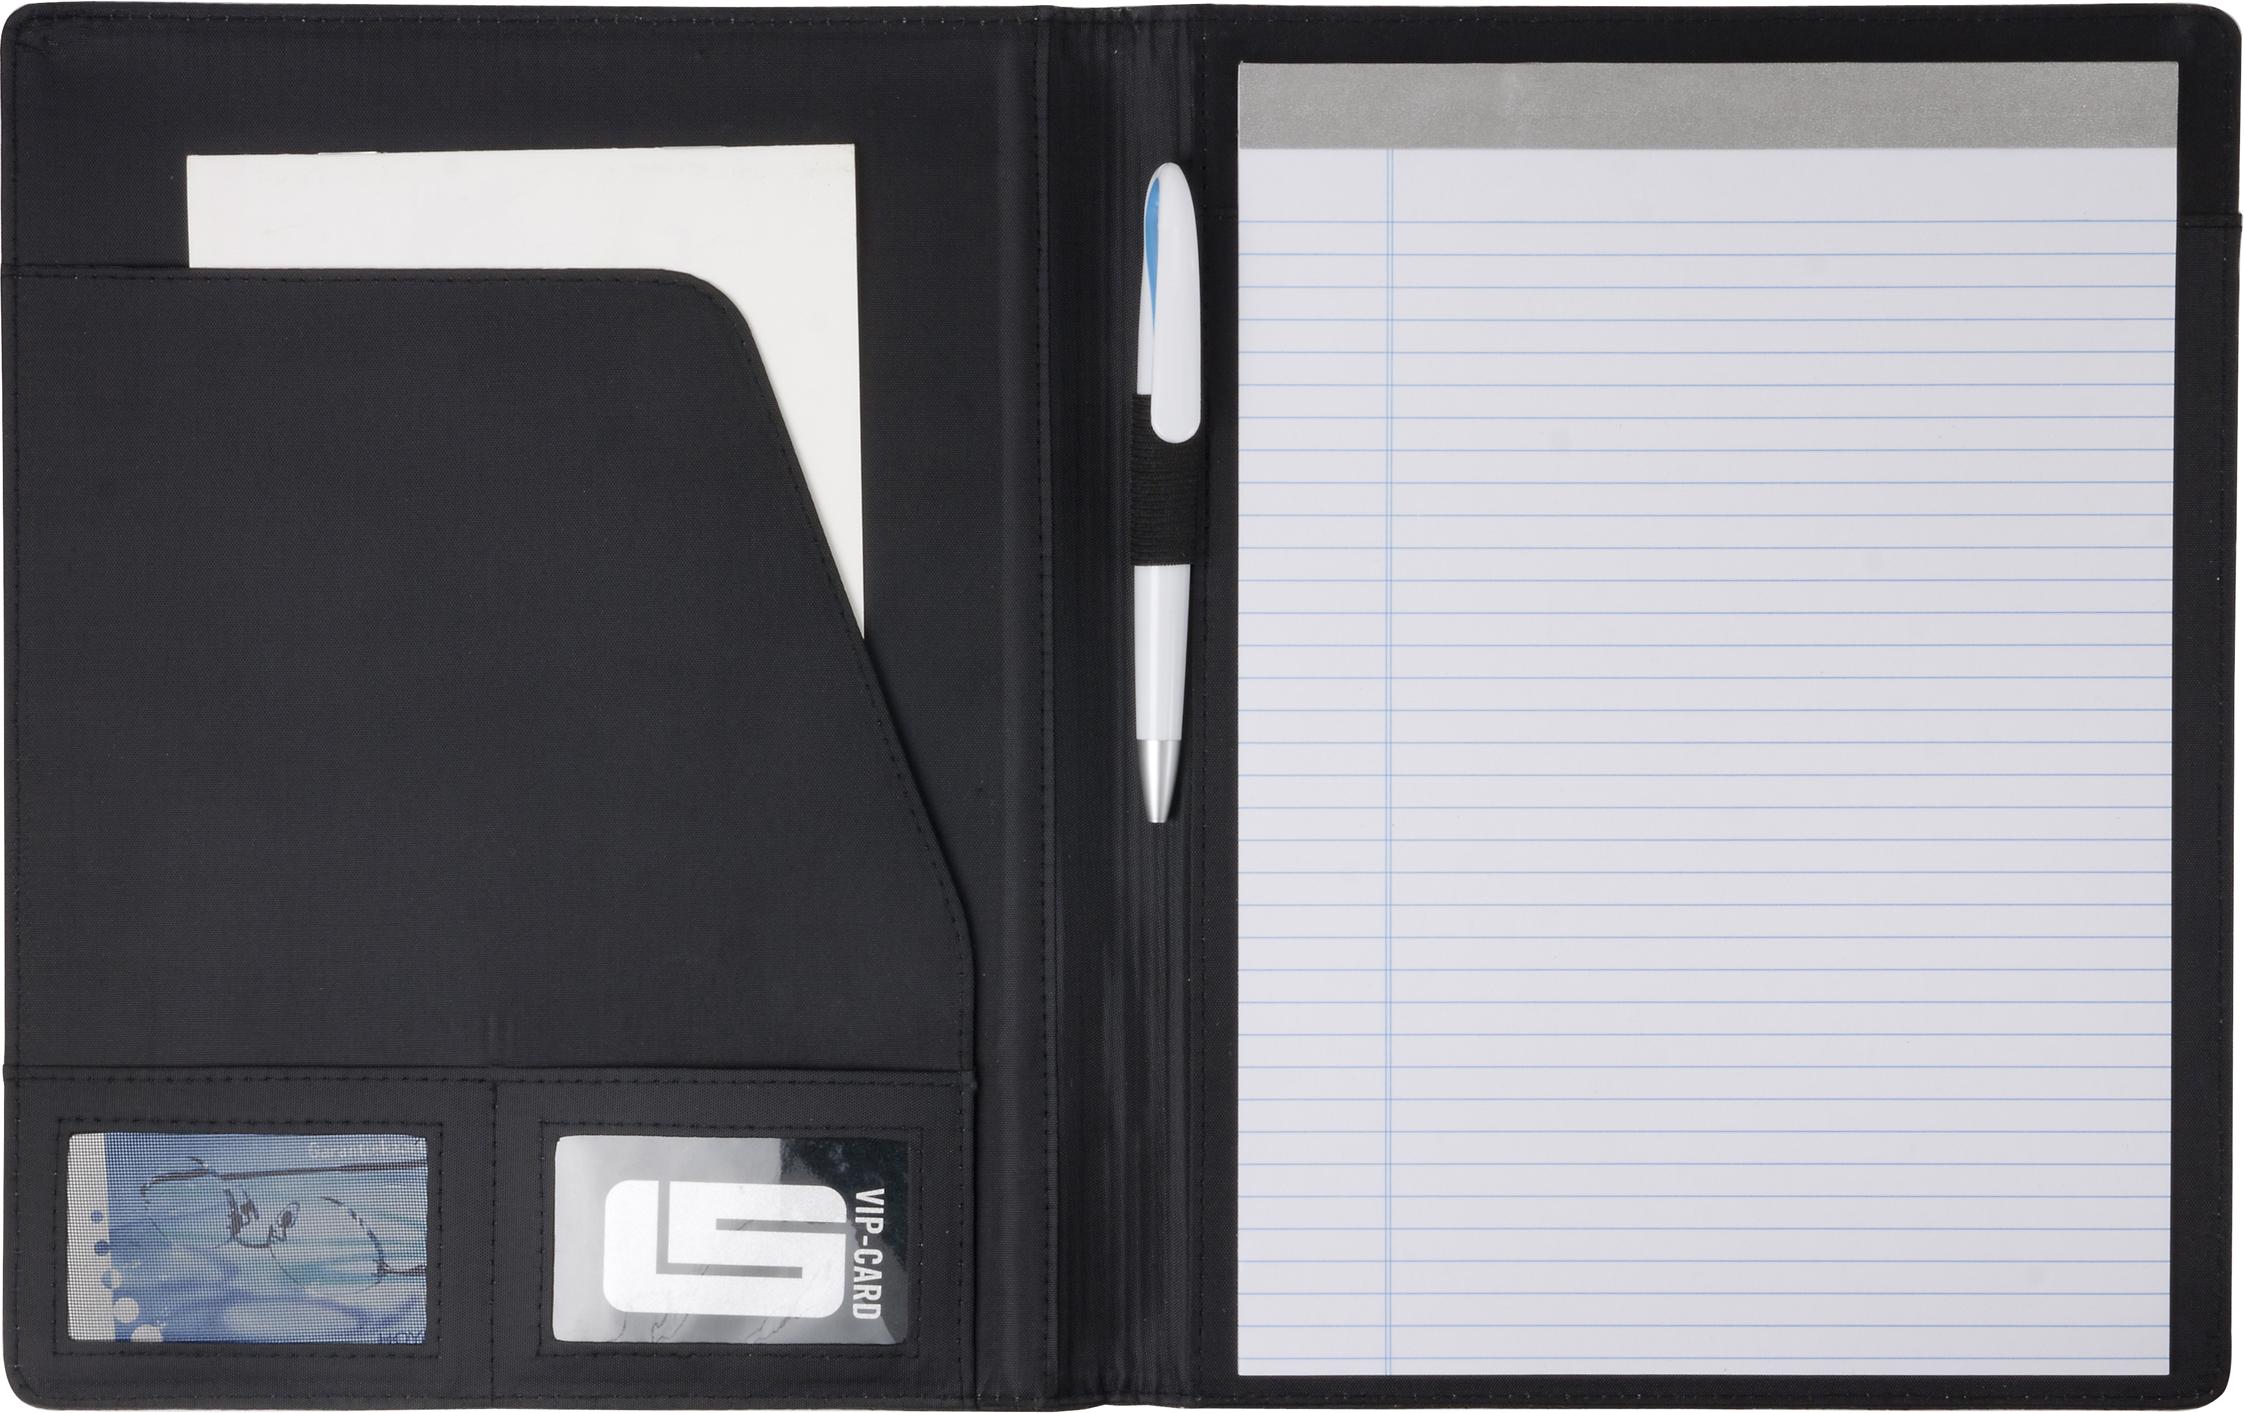 Promotional A4 PVC folder.